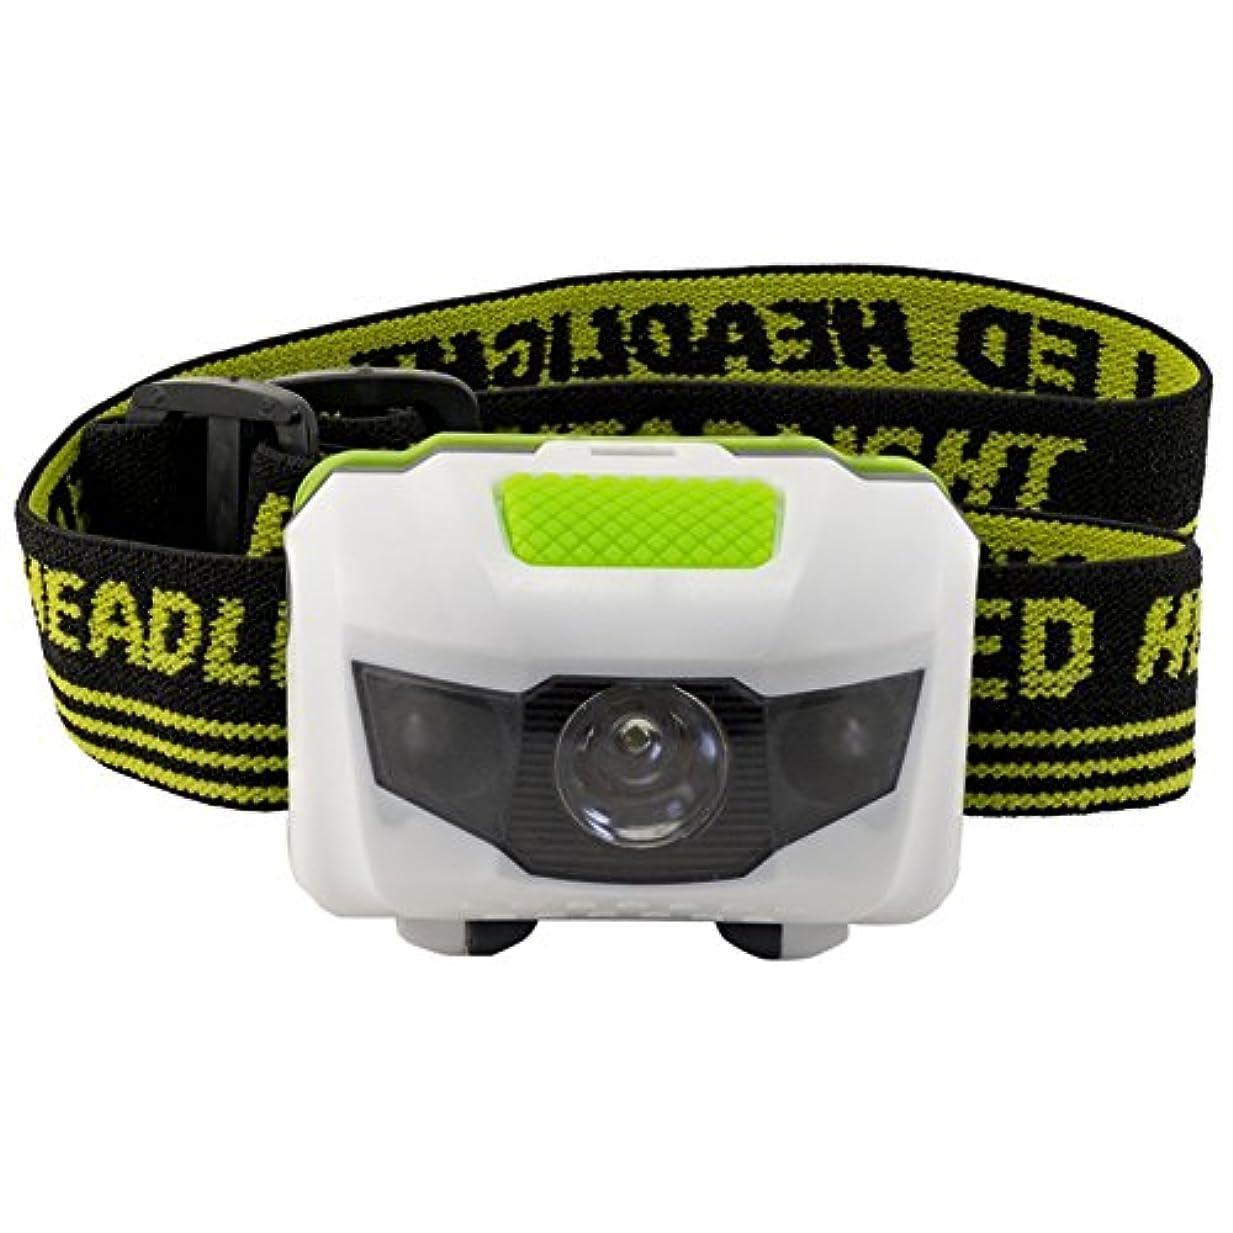 礼拝虫必要性GZQ LEDヘッドライト 電池式 防水 角度調節可能 4つの点灯モード 登山/自転車/夜釣り/キャンプ